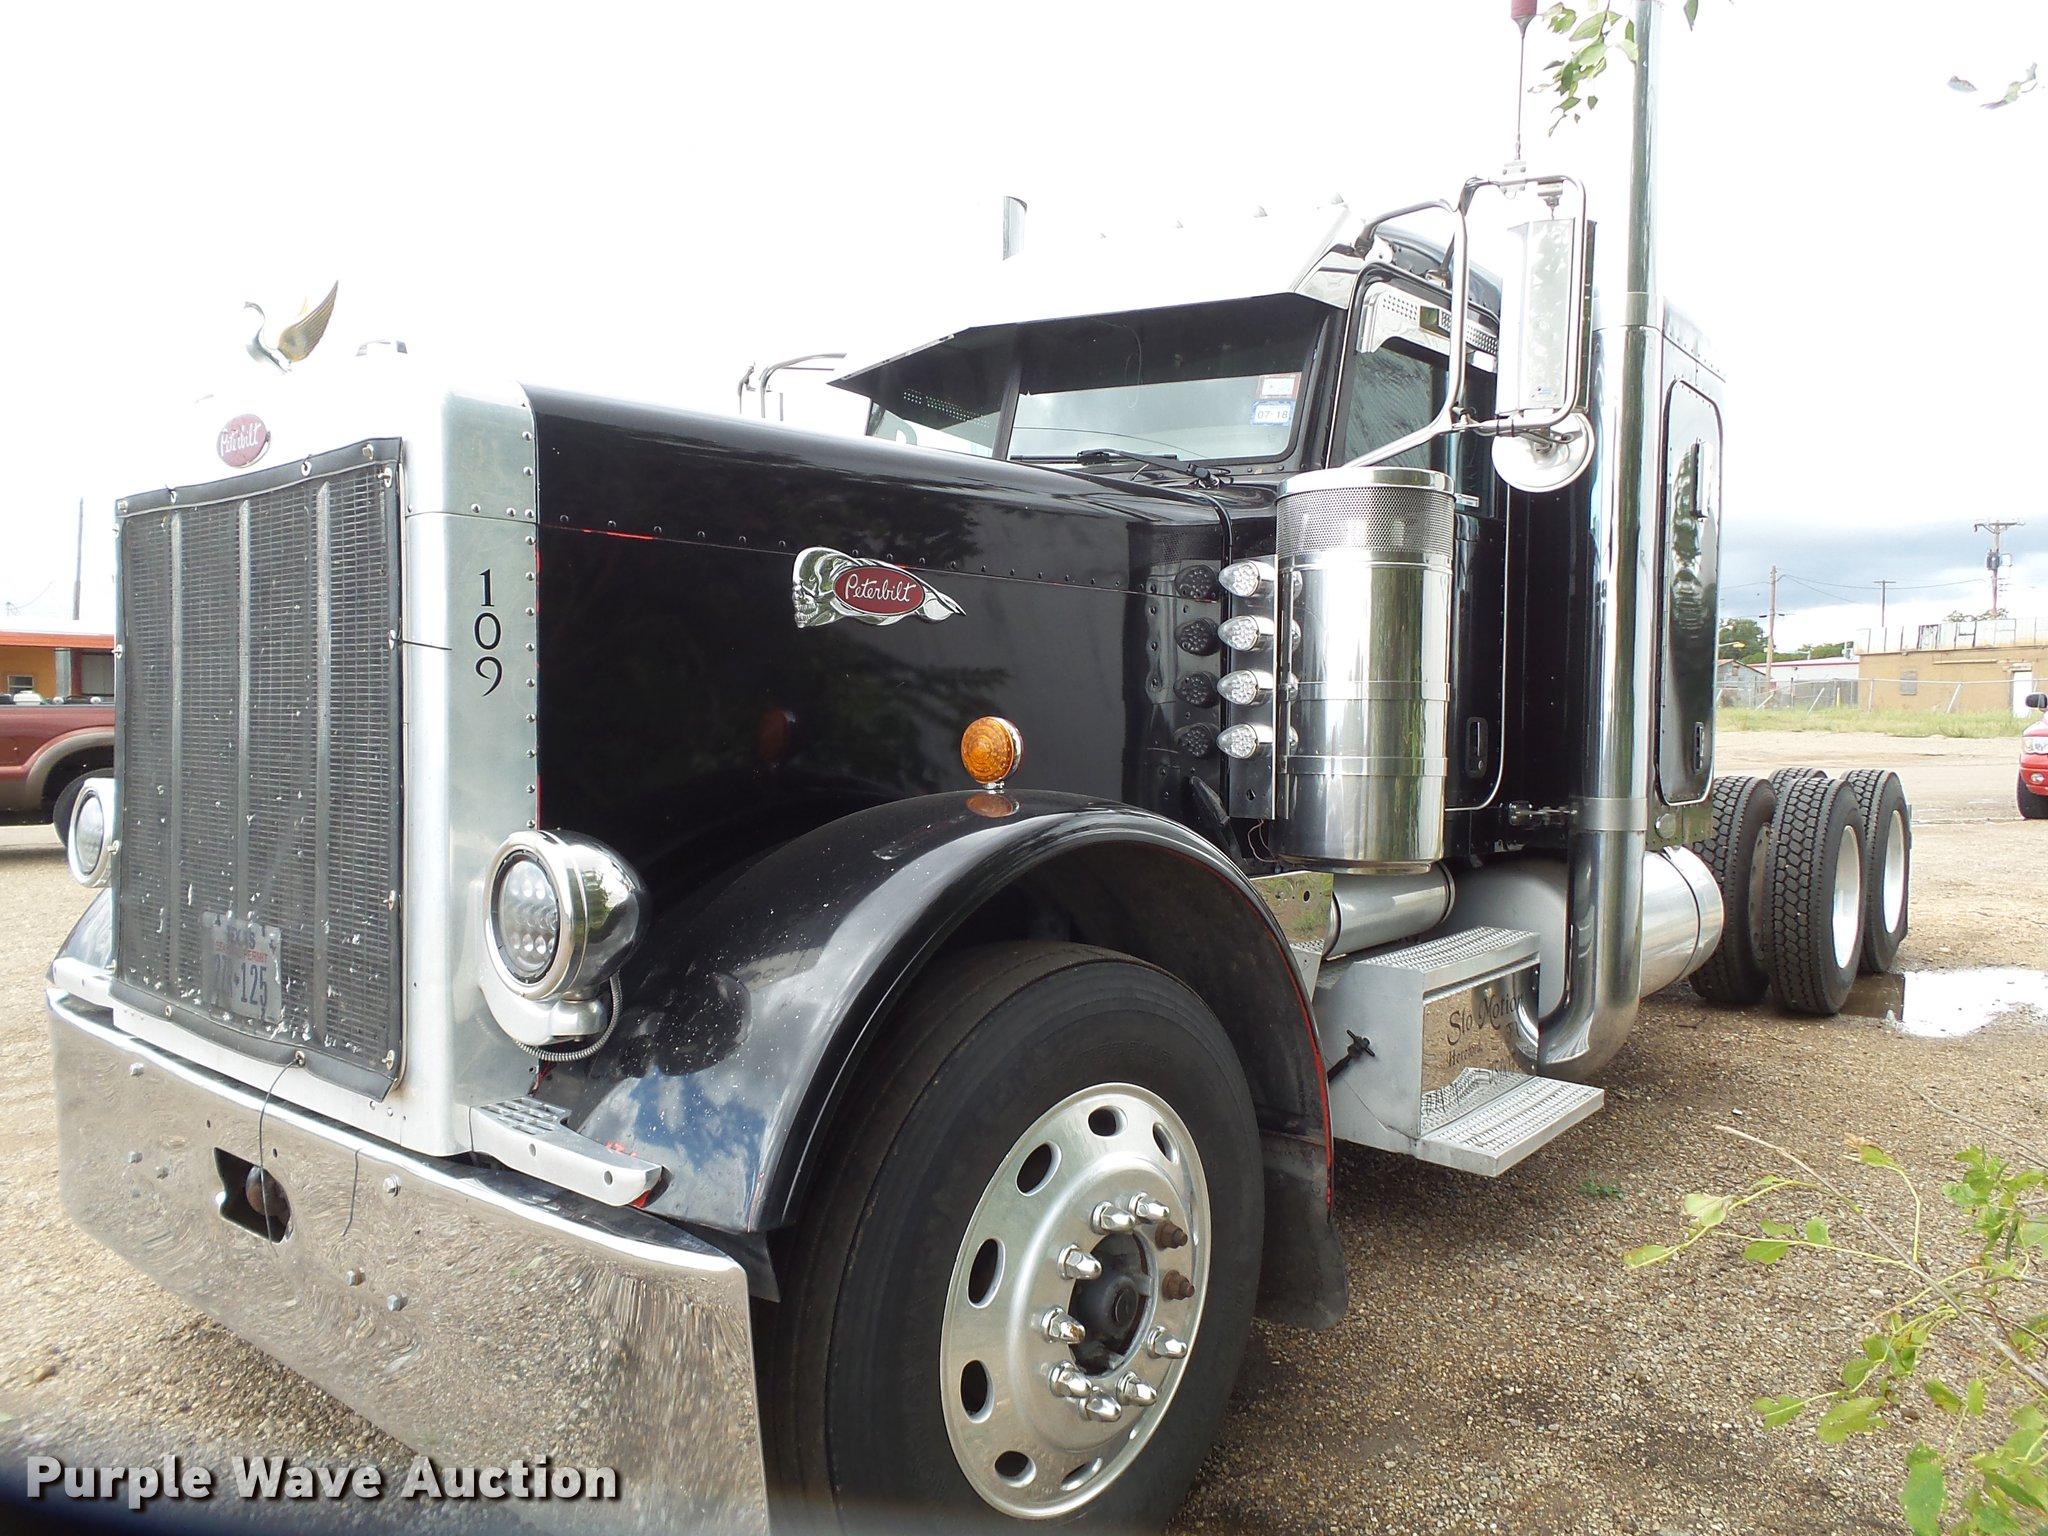 2007 Peterbilt 379 semi truck | Item EI9664 | Thursday Novem